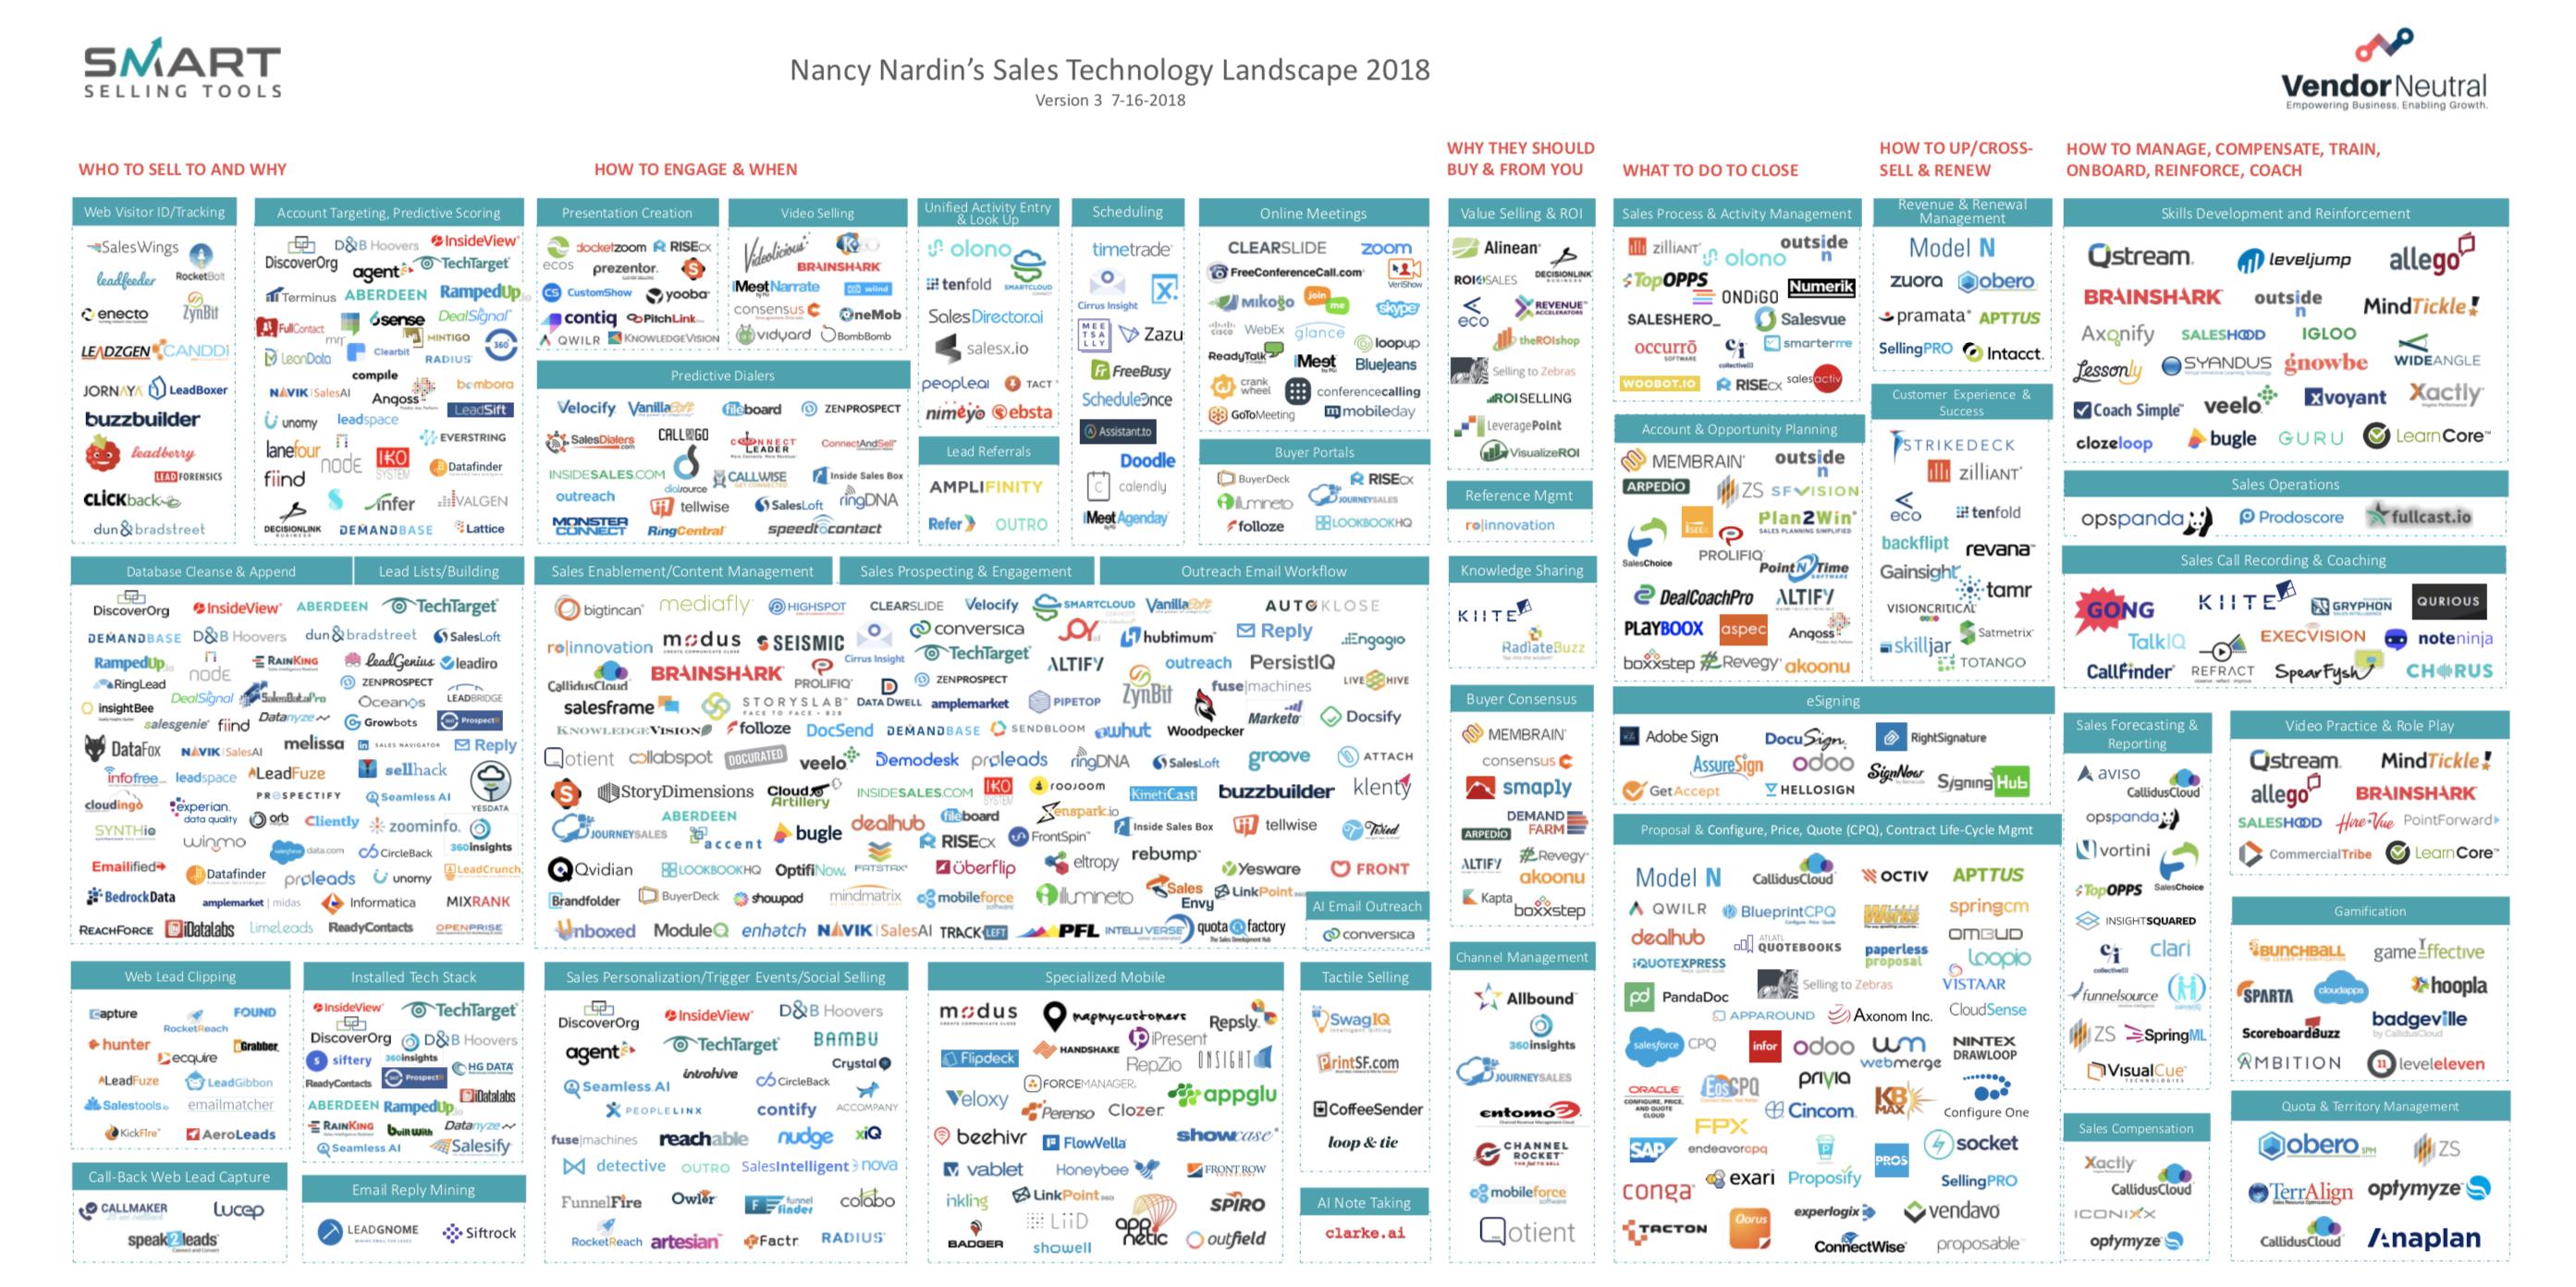 2018-SalesTech-Landscape-V3b